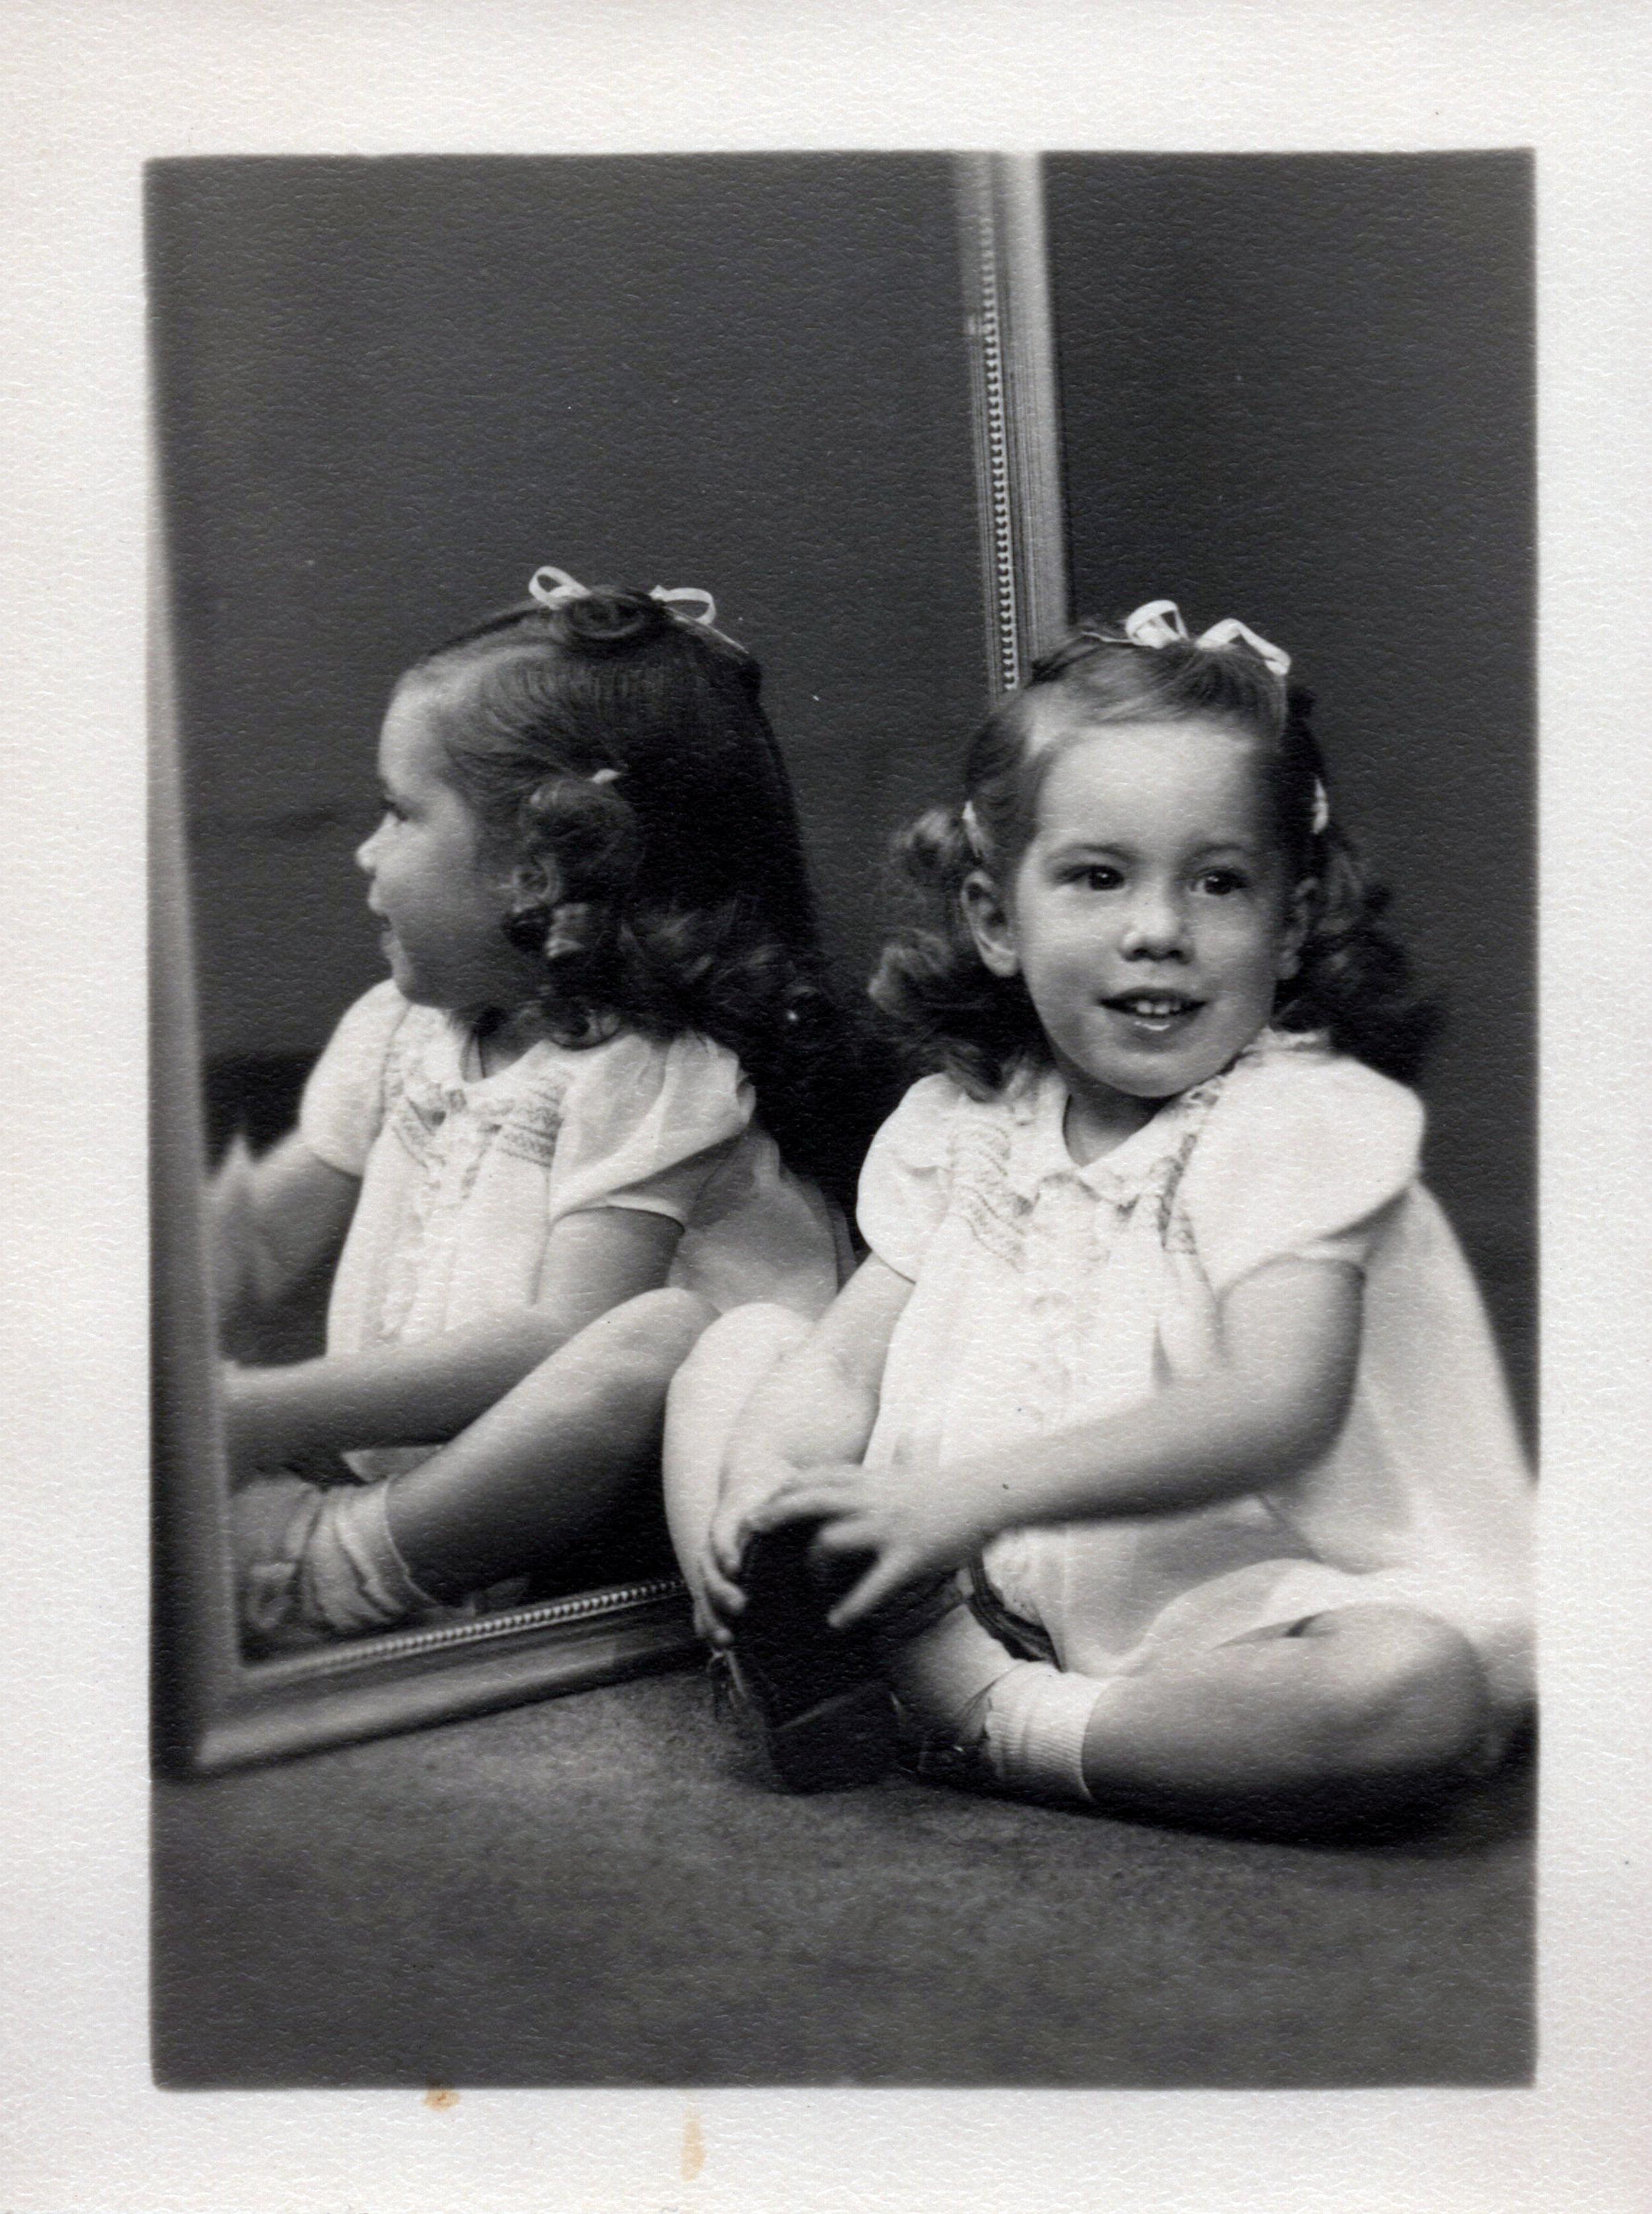 1940S_EAGODFREY-DINUBA_0001_a.jpg